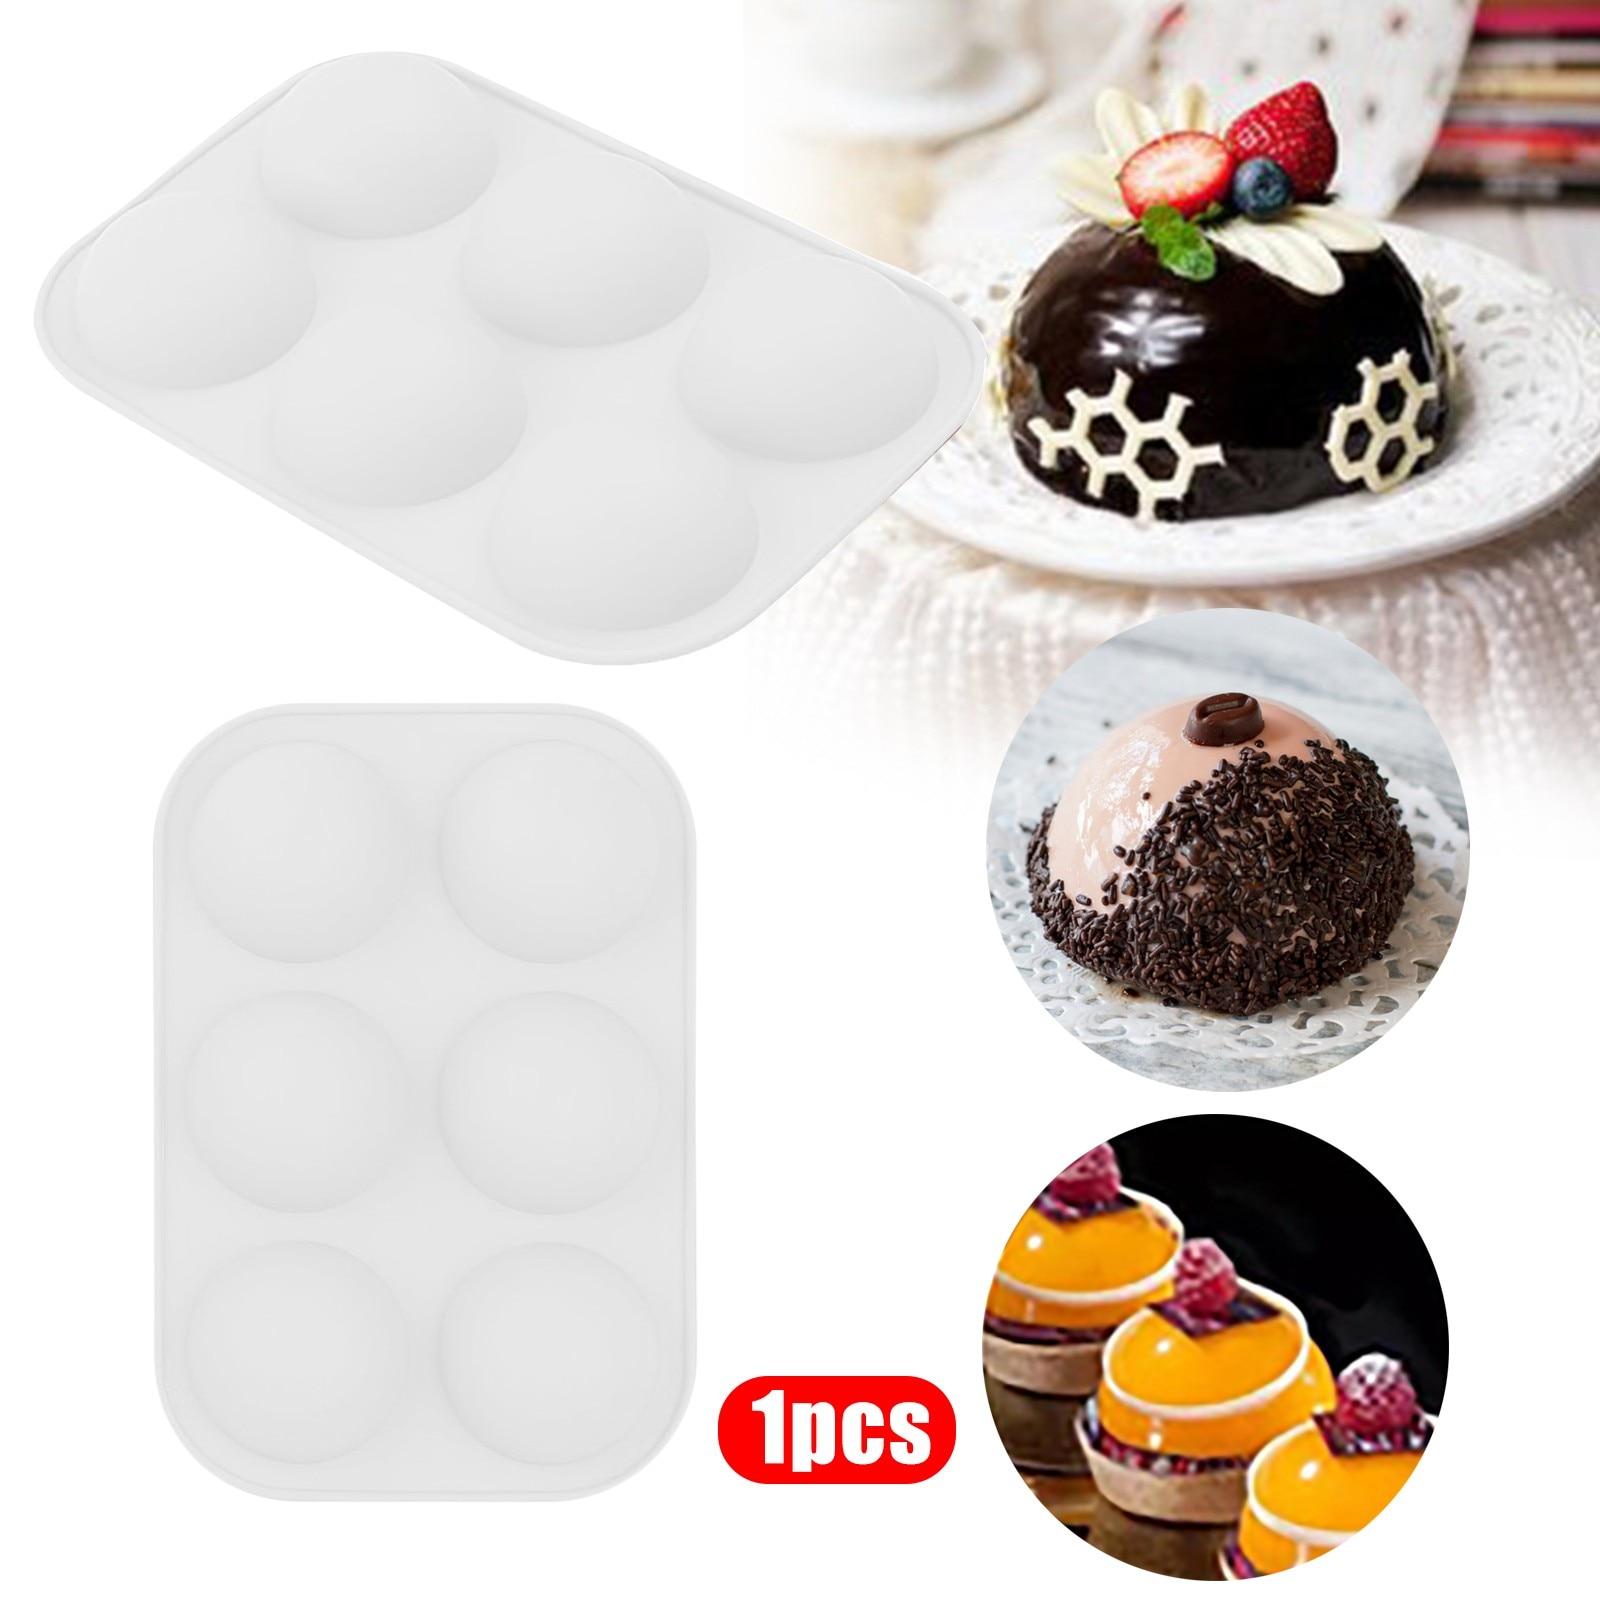 Силиконовая форма, форма для выпечки для изготовления шоколада, торта, желе, купола м ^ пресс-форма для кастрюль, инструменты для украшения, к...